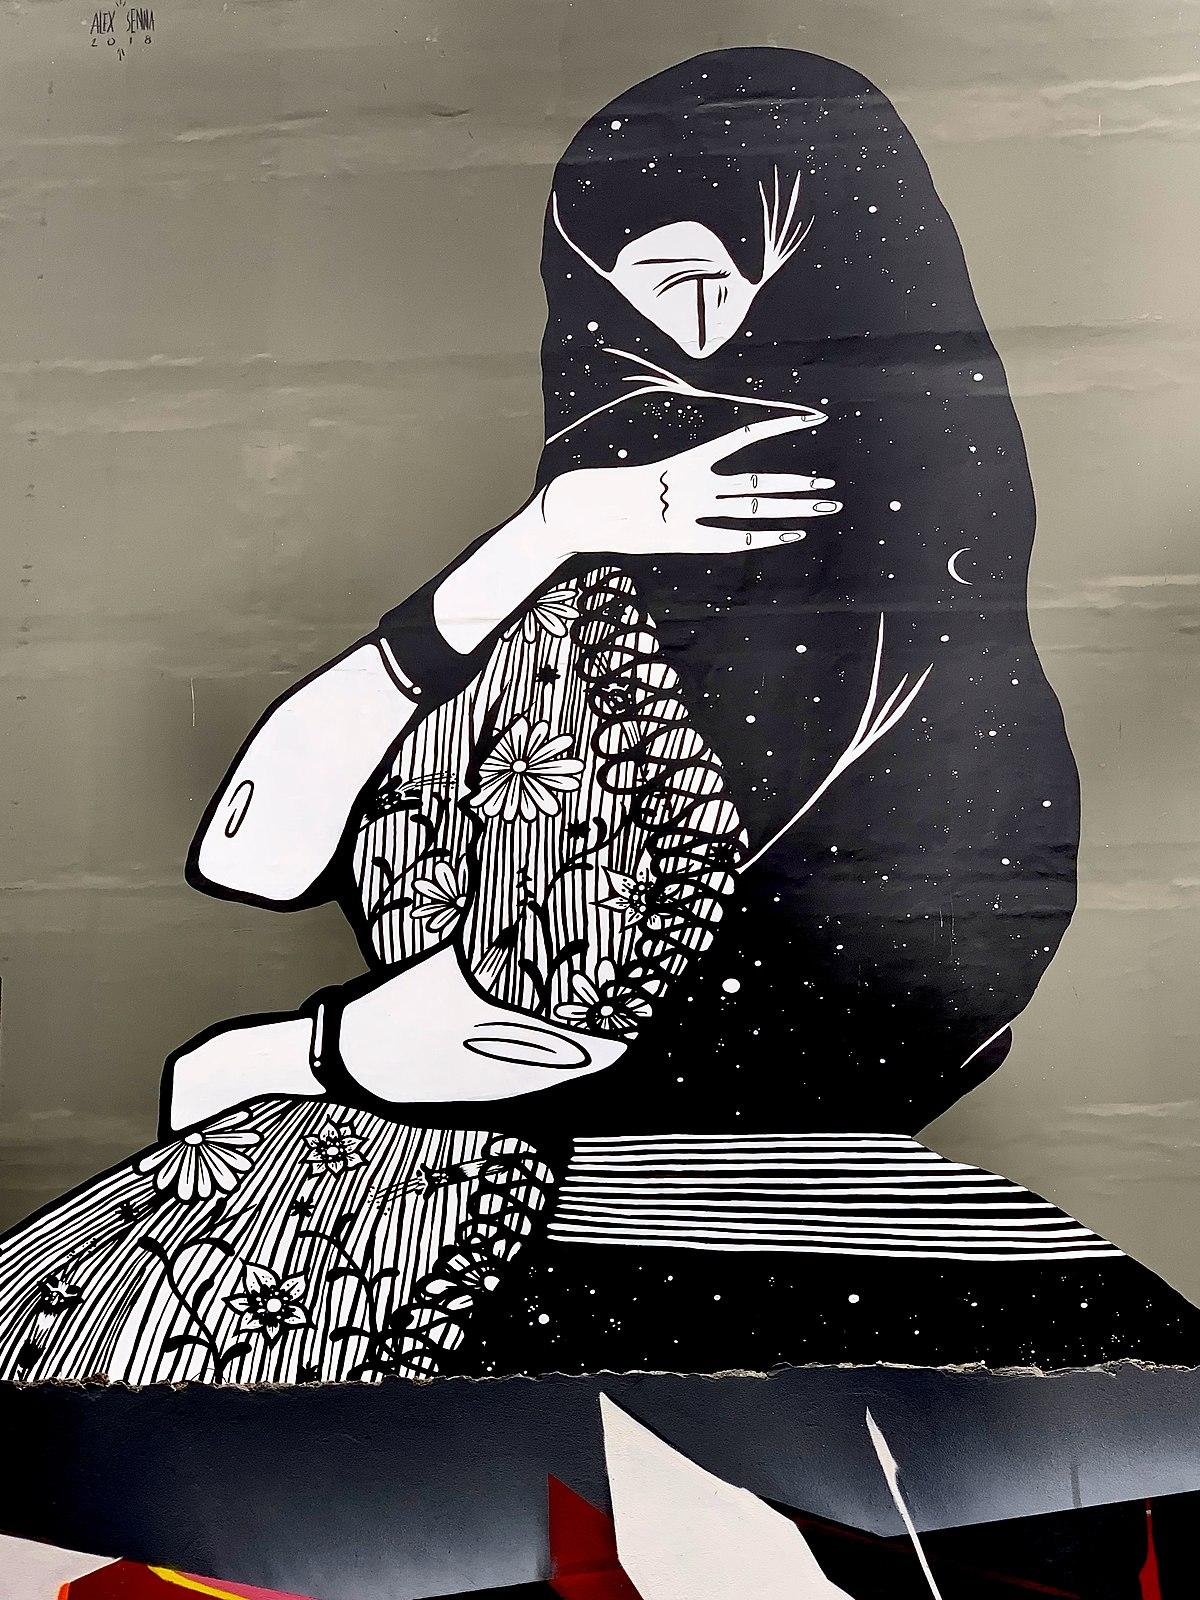 Archivo:The Lima Mural Project.jpg - Wikipedia, la enciclopedia libre